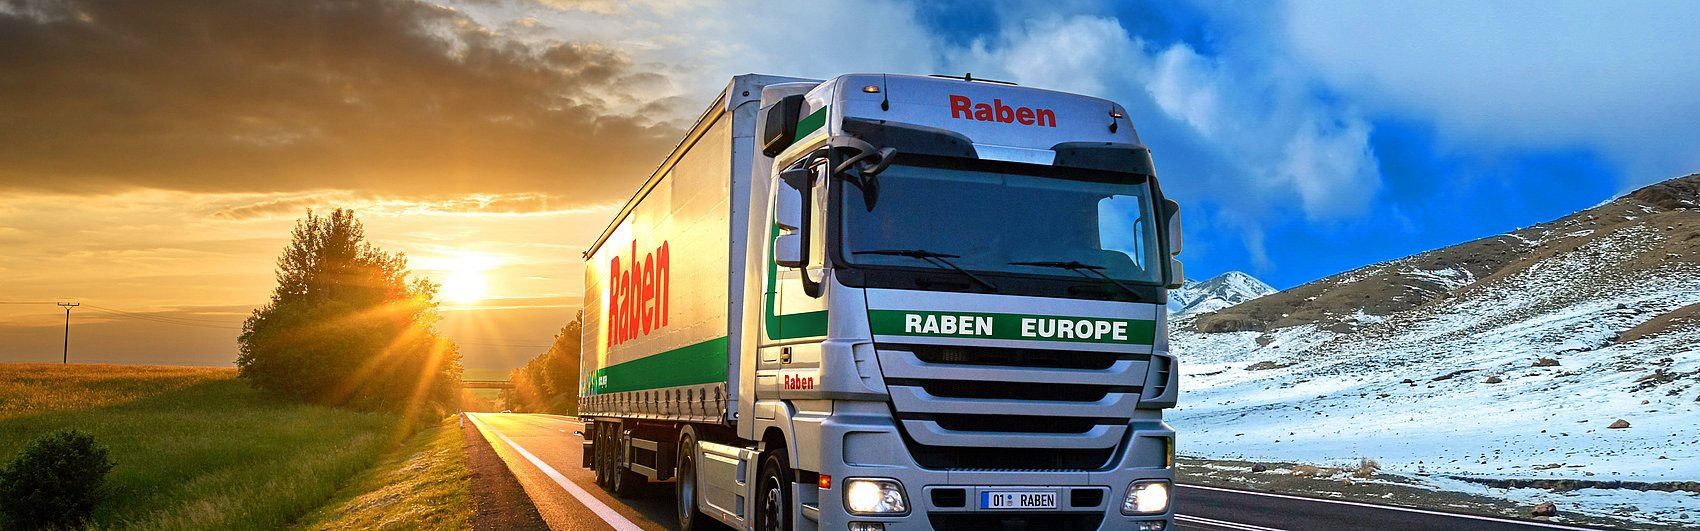 csm_KV_2019_Raben_Group_Europe__002__cde4813778.jpg